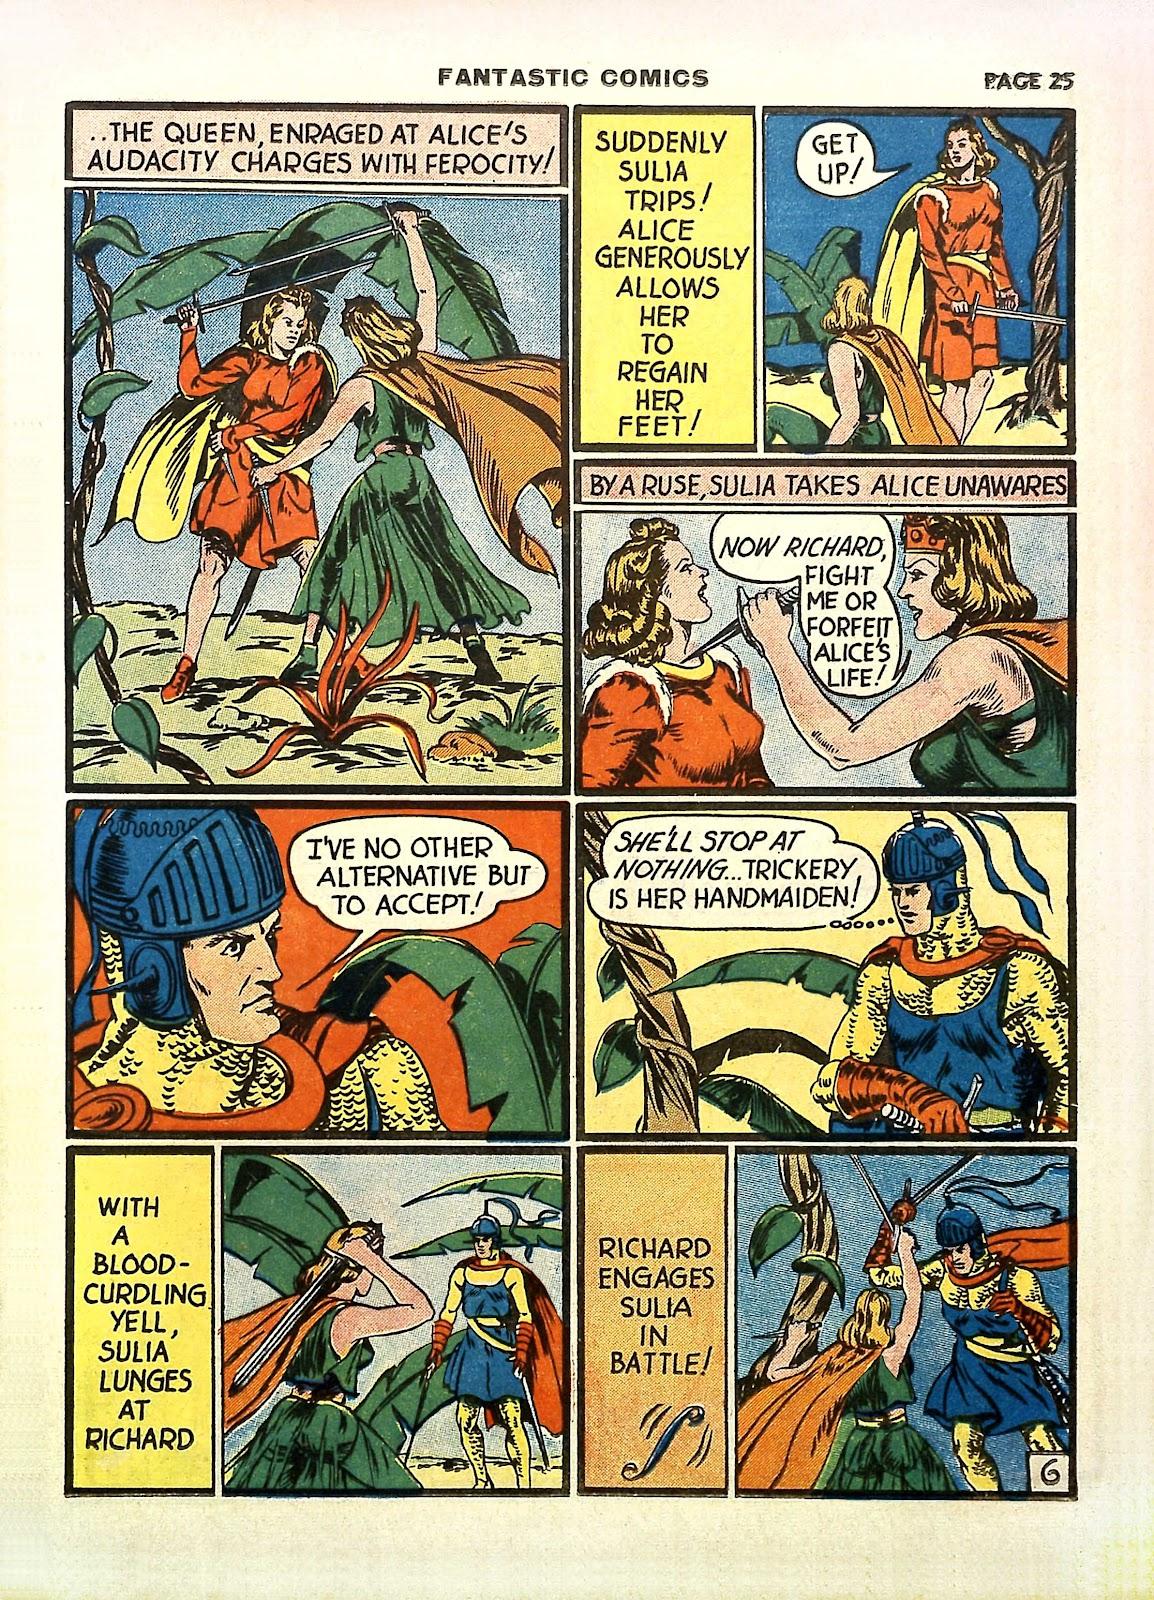 Read online Fantastic Comics comic -  Issue #11 - 28